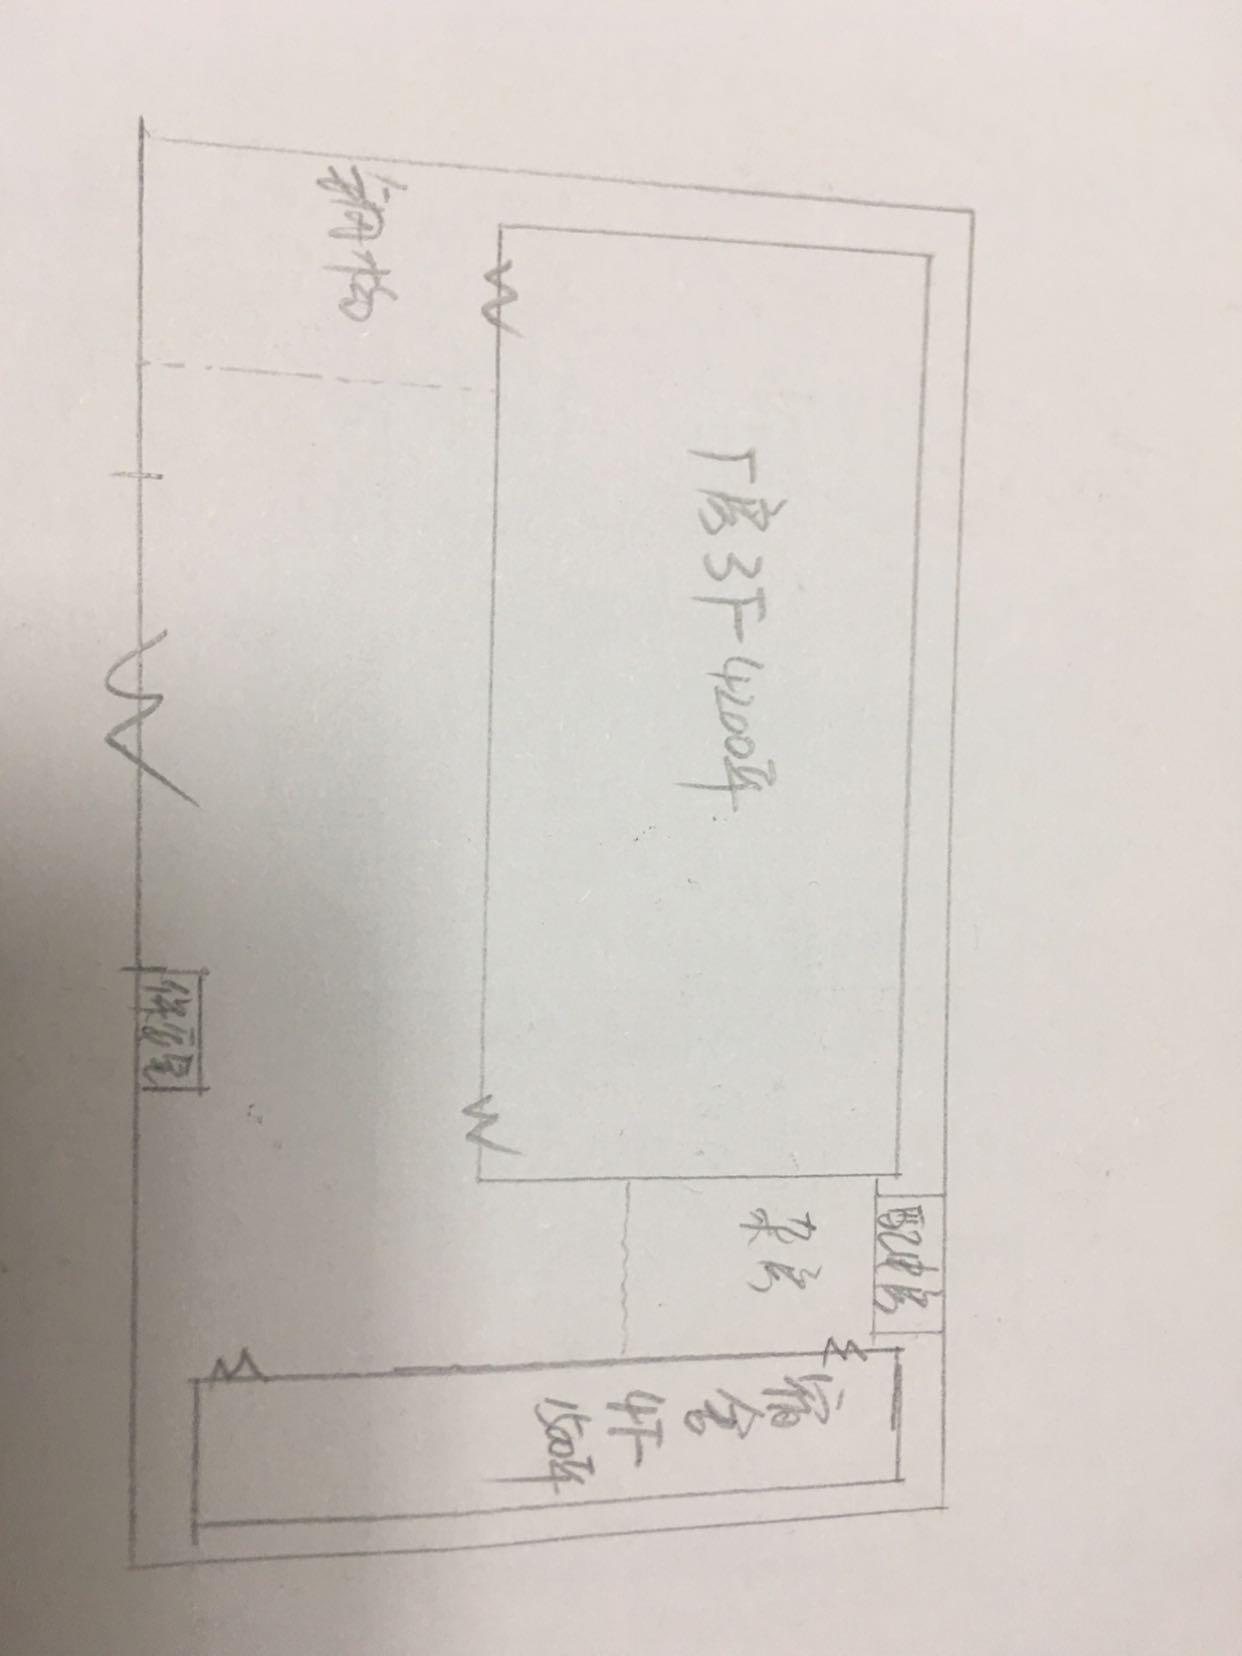 清溪最靓最笋独院厂房出售-图2